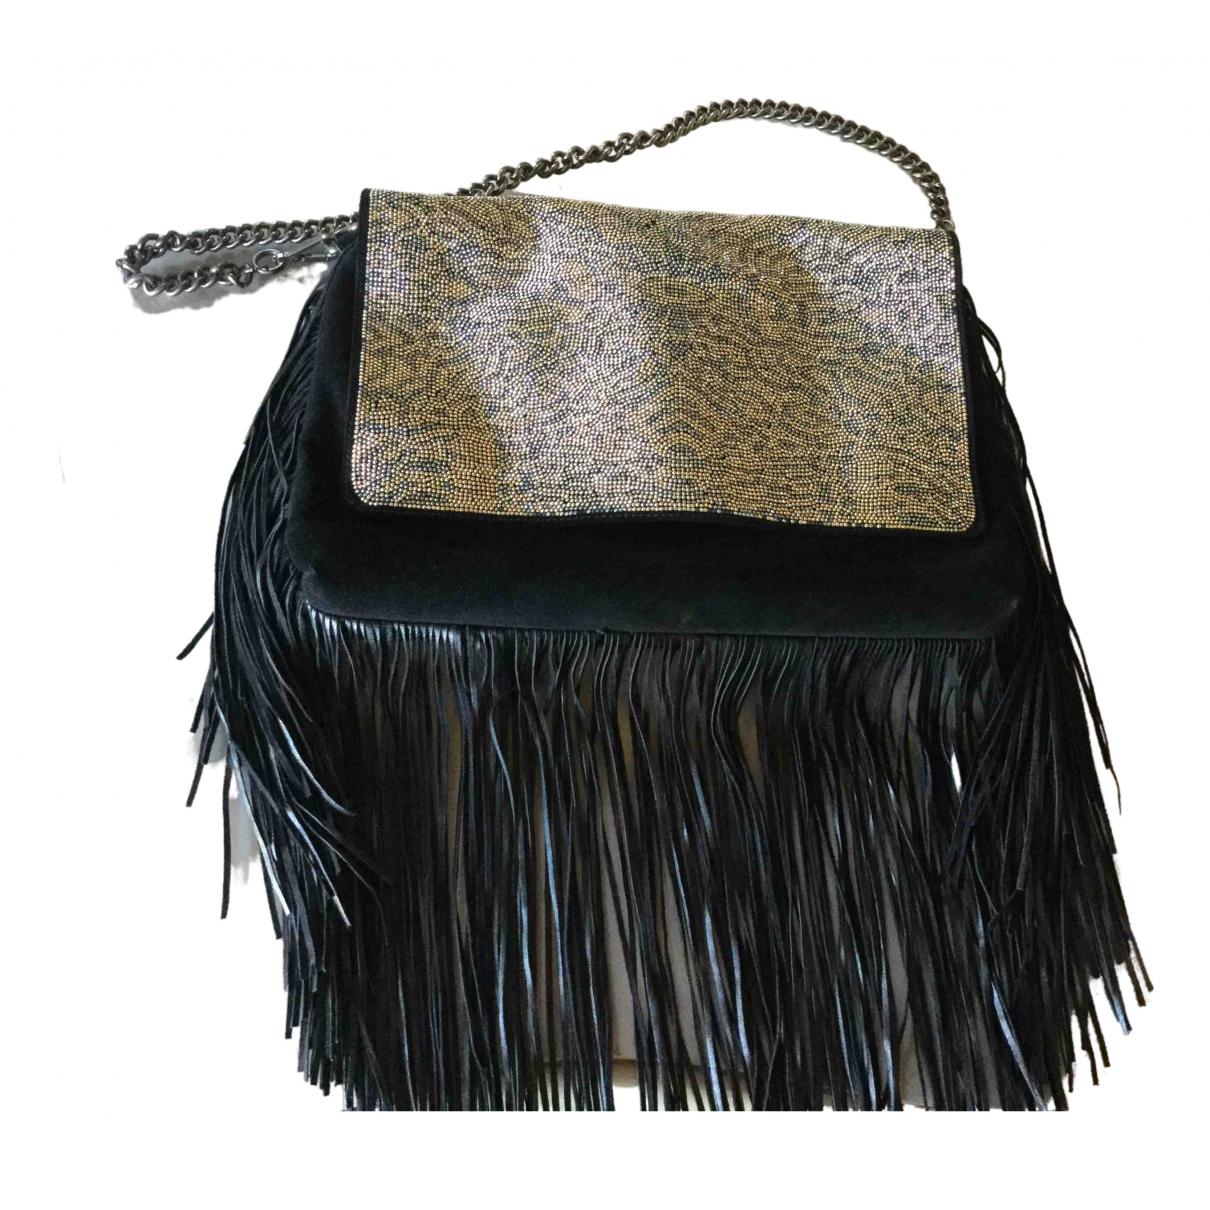 Just Cavalli \N Black Suede handbag for Women \N